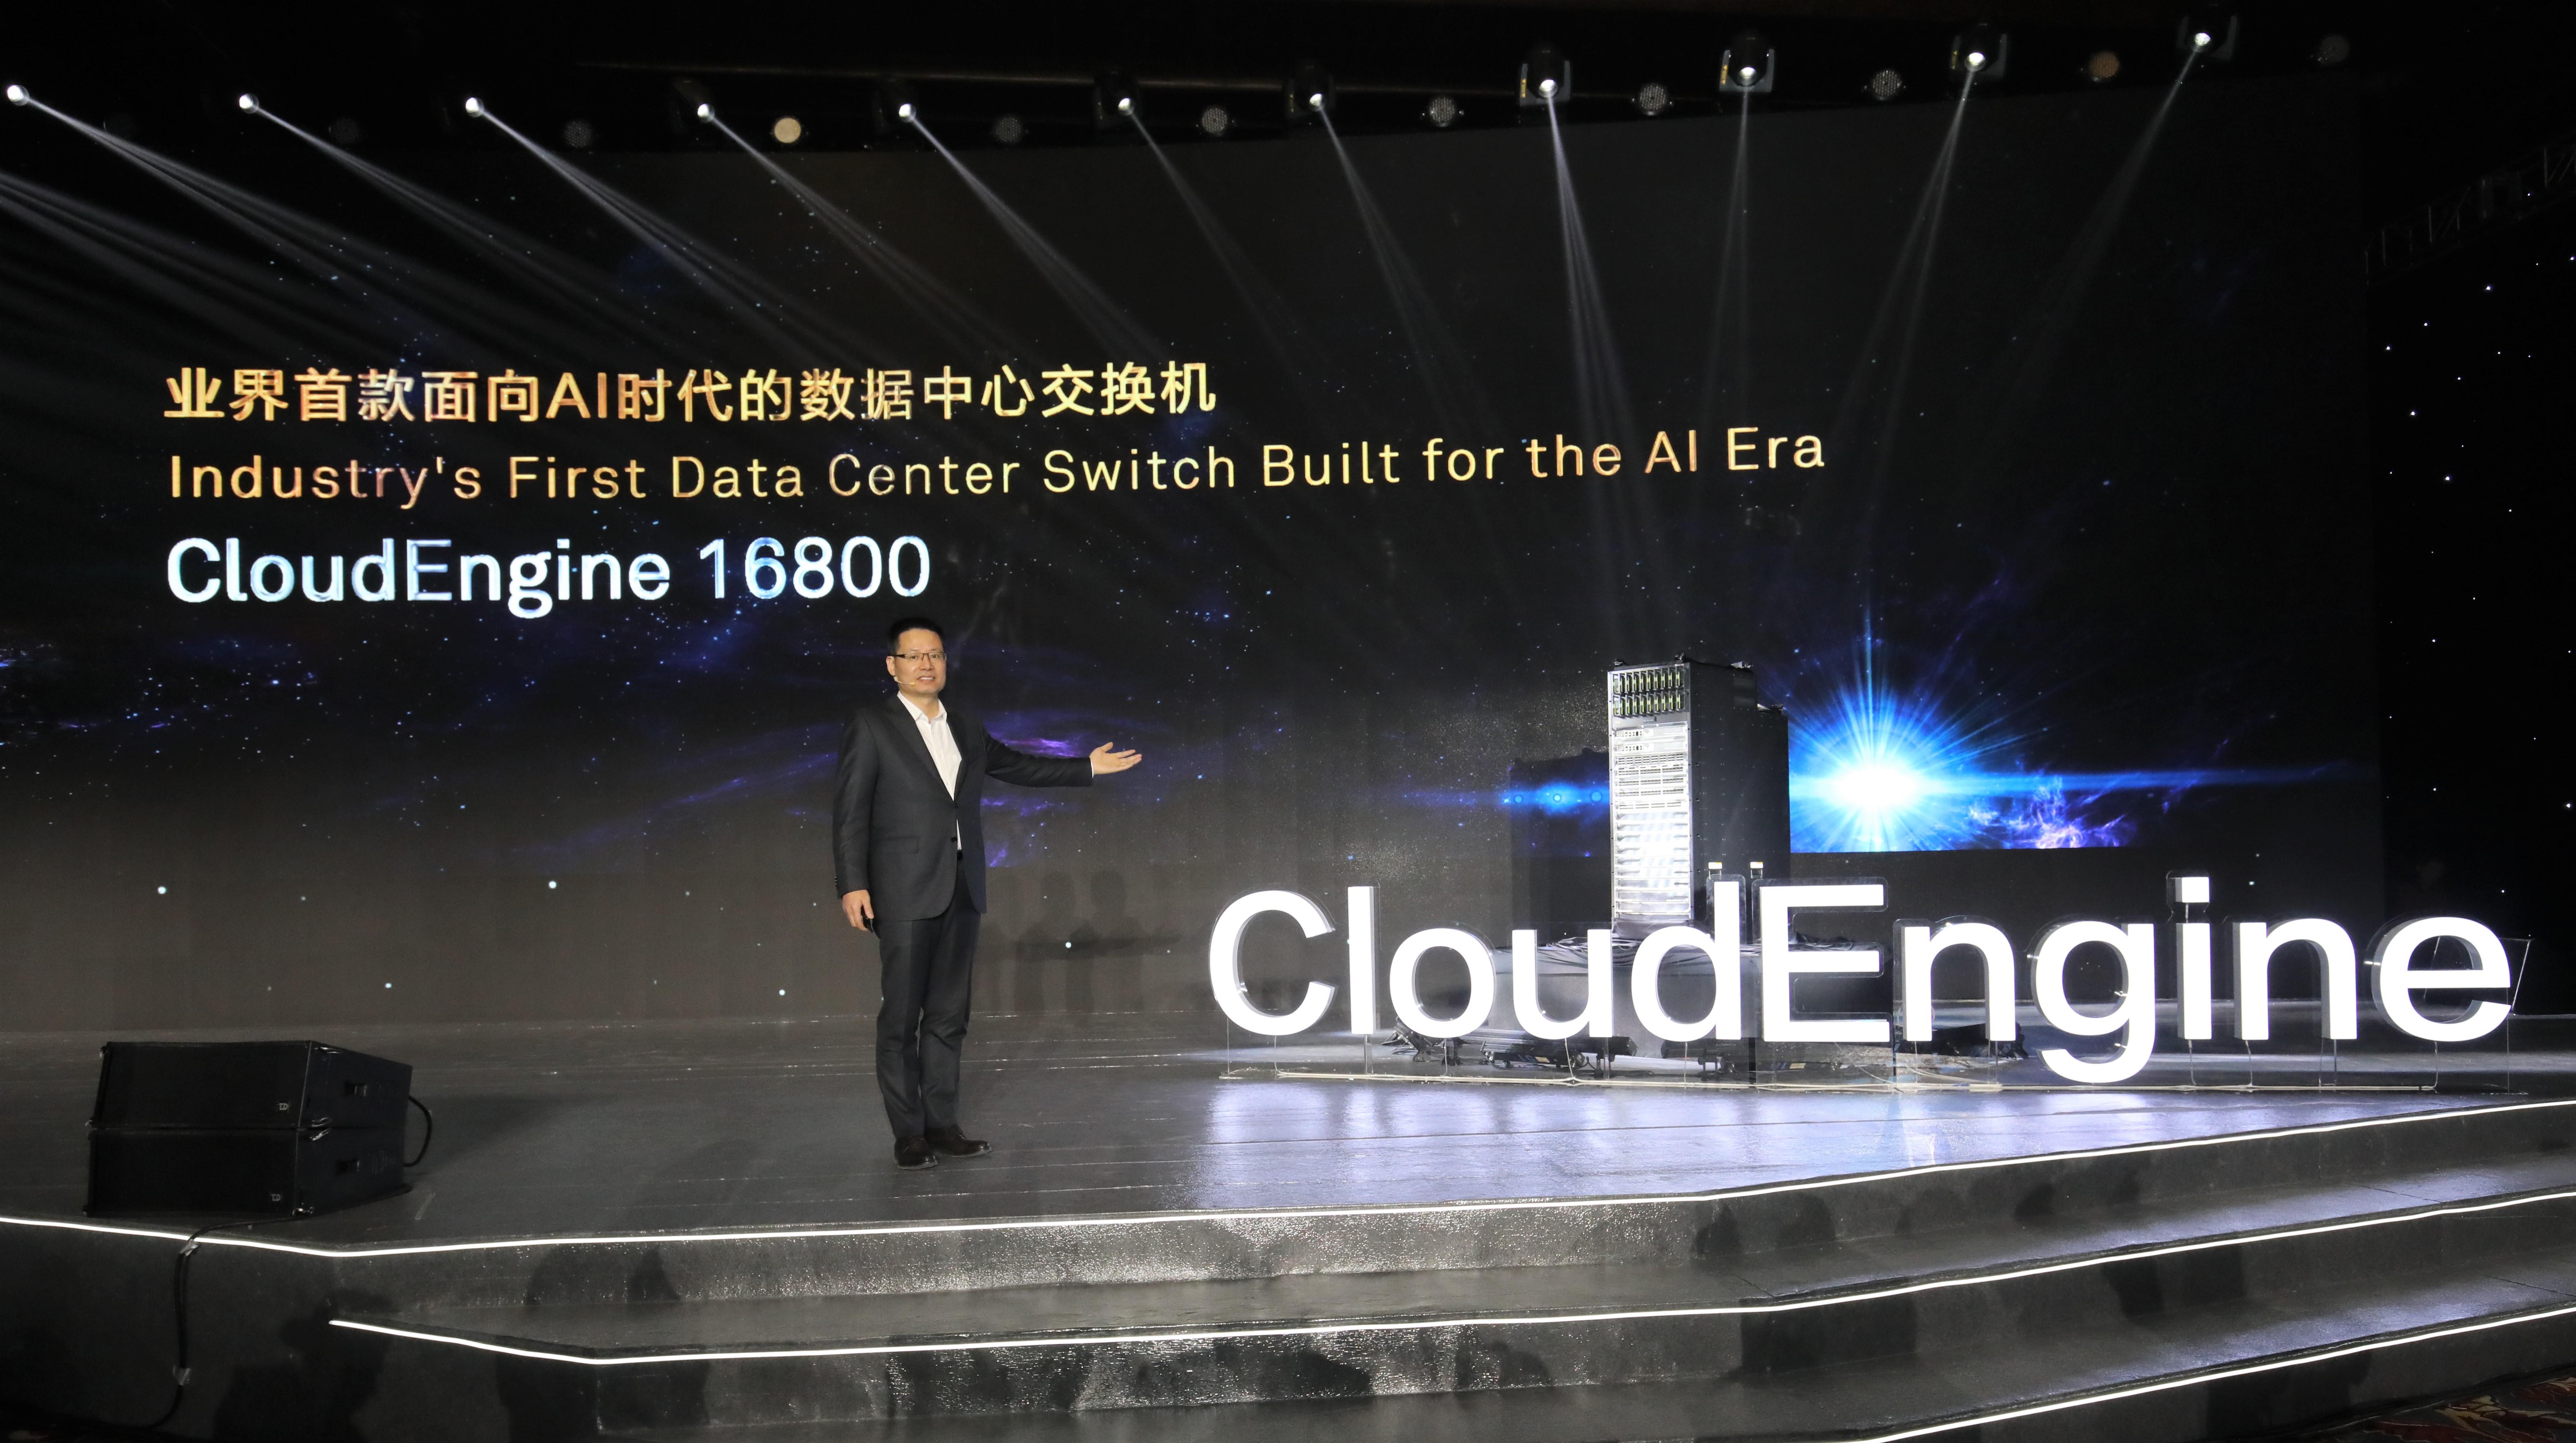 华为正式发面向AI时代的数据中心交换机CloudEngine 16800